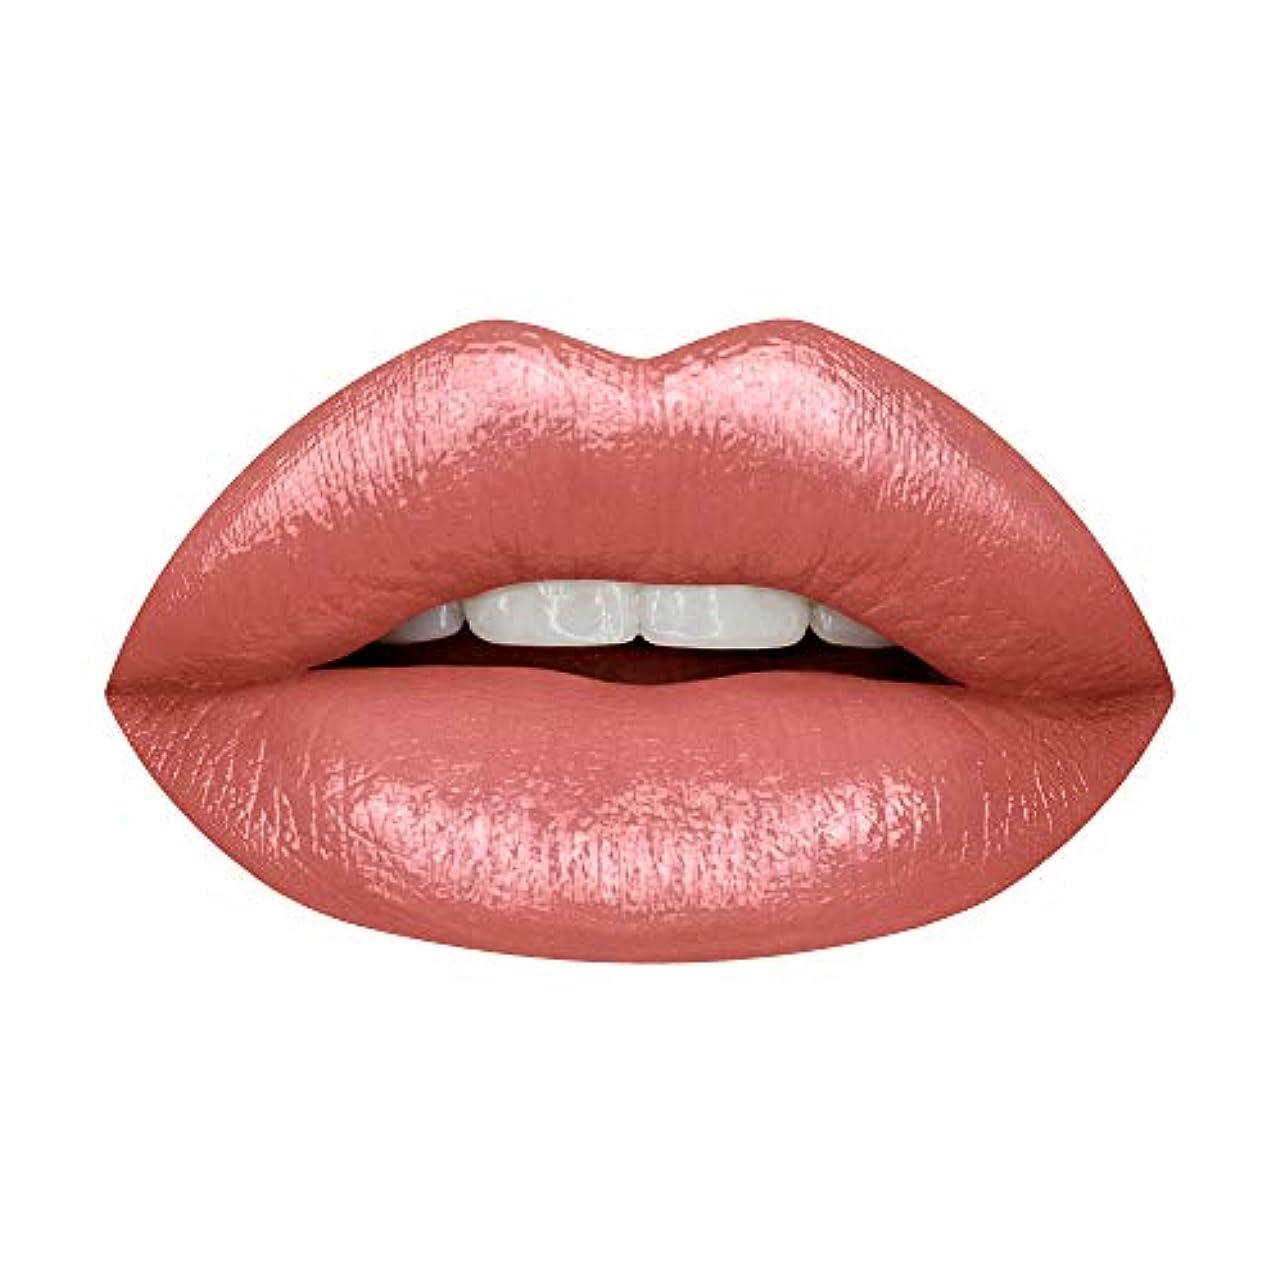 乳小さな実現可能性HUDA BEAUTY Demi Matte Cream Lipstick (SHEro)